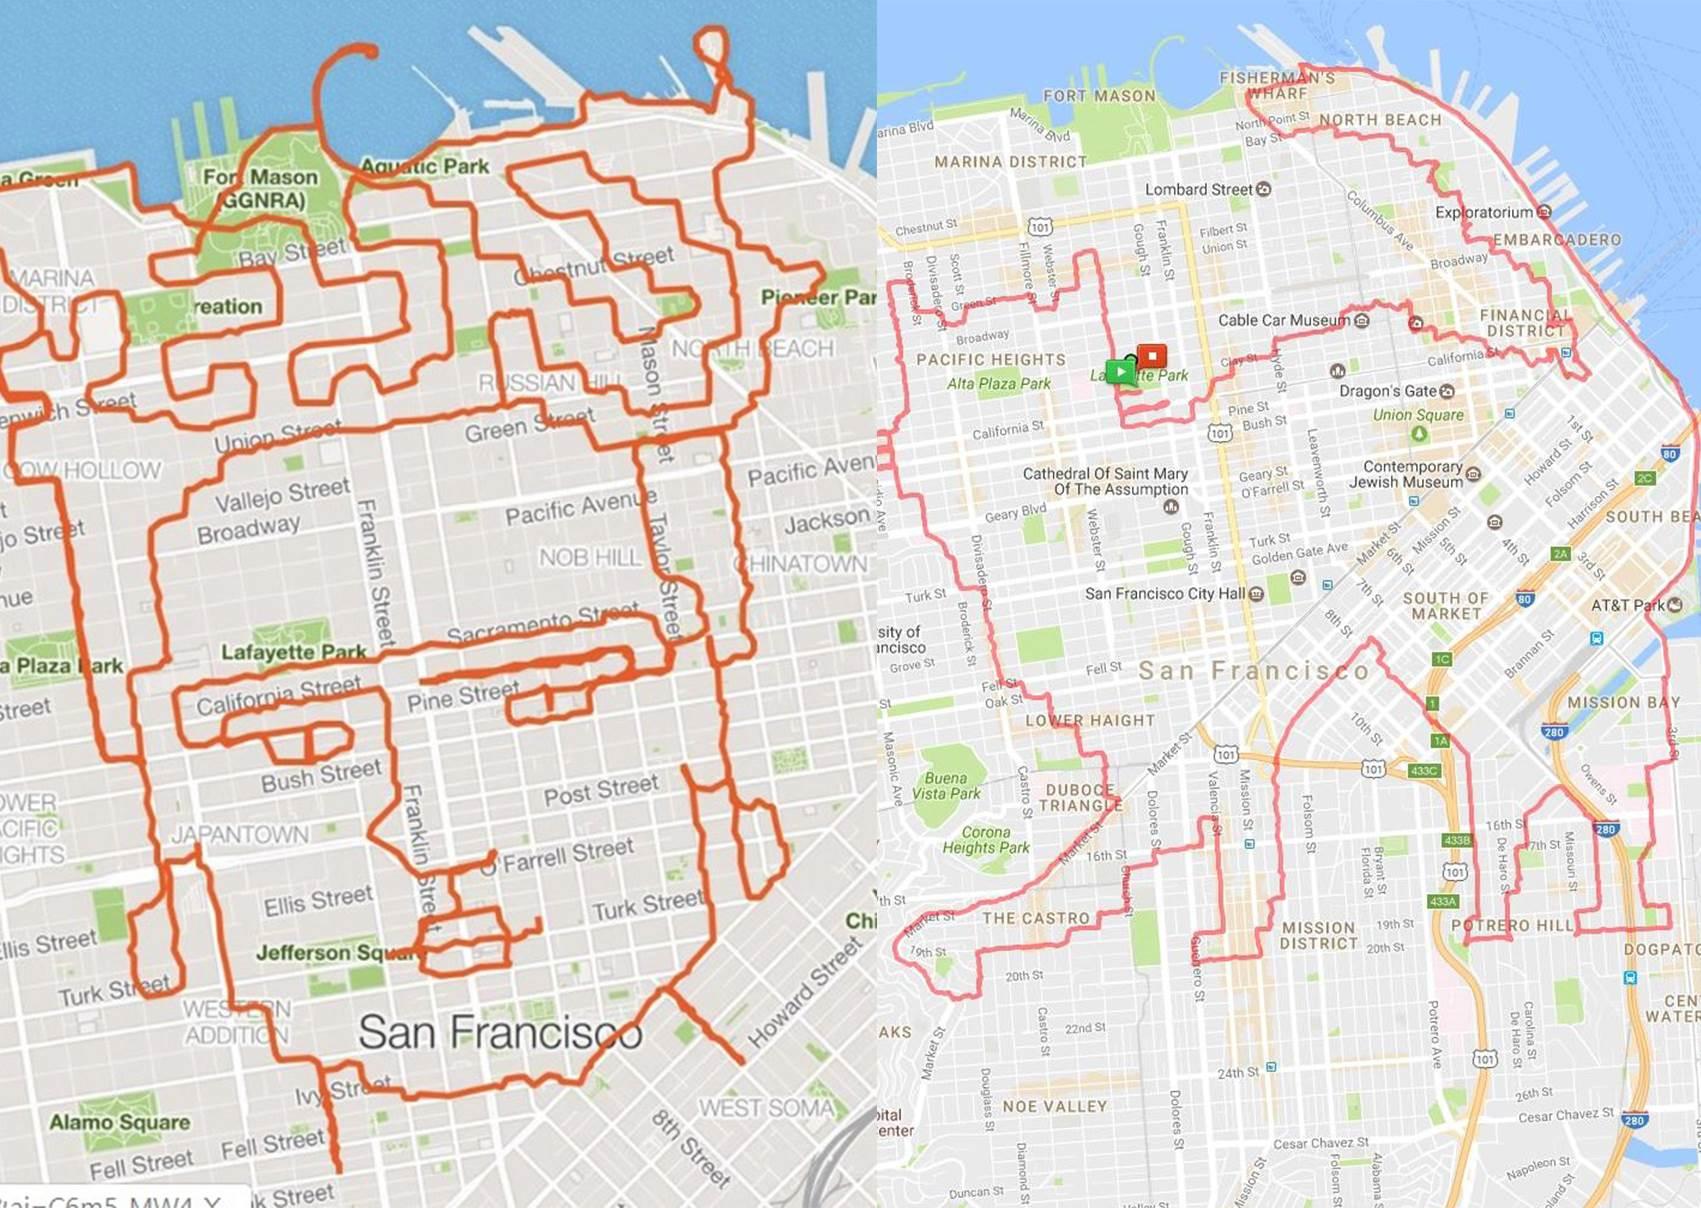 整個城市都是我的畫布!跑男熱愛「跑步藝術」,慢跑47公里畫出「鈔票上的大人物」